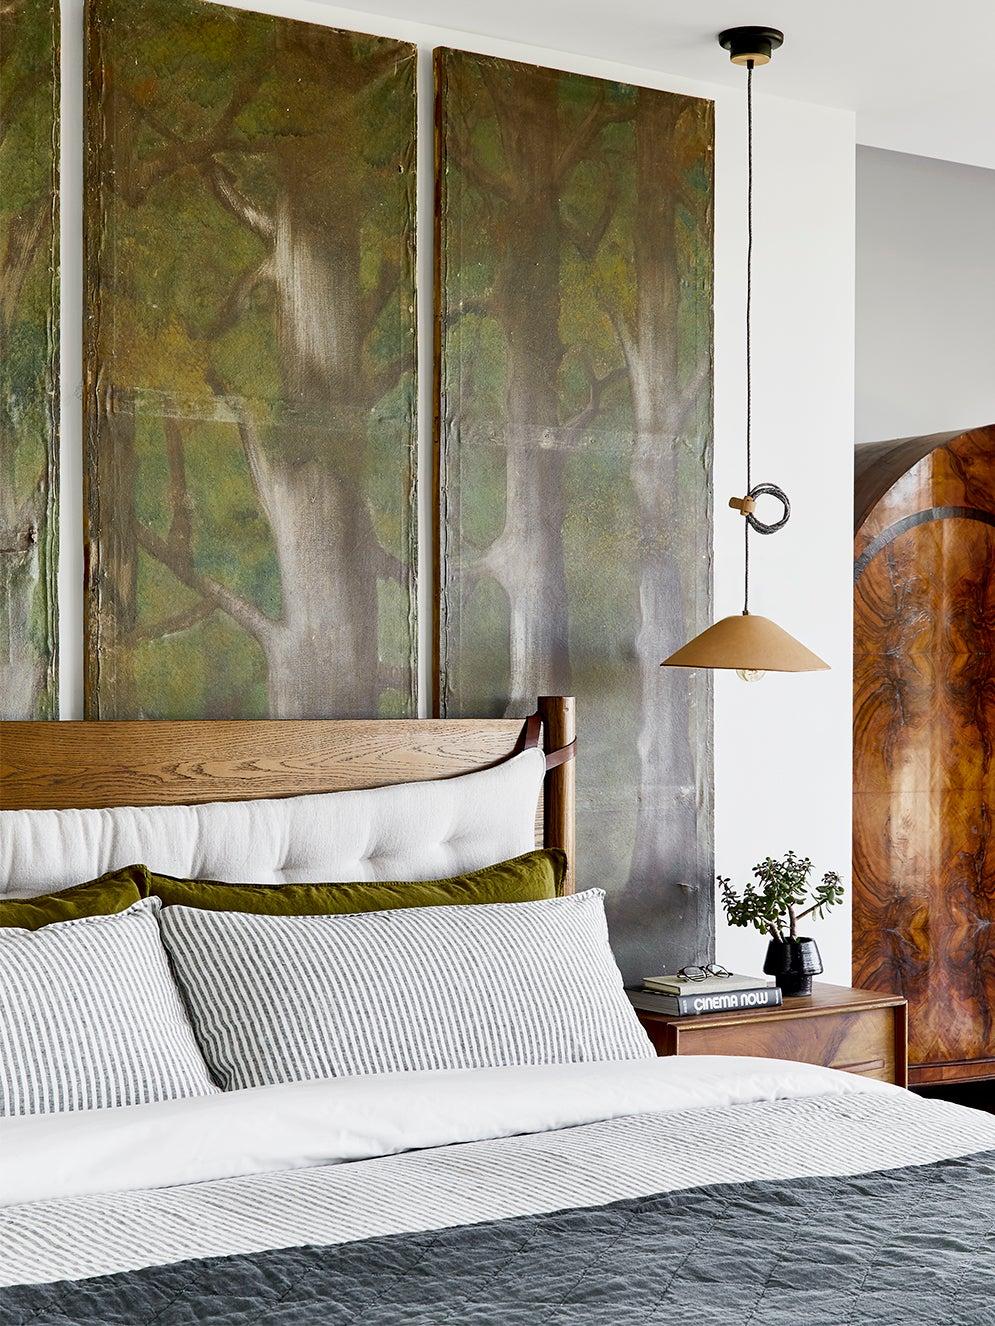 Bedroom with green headboard